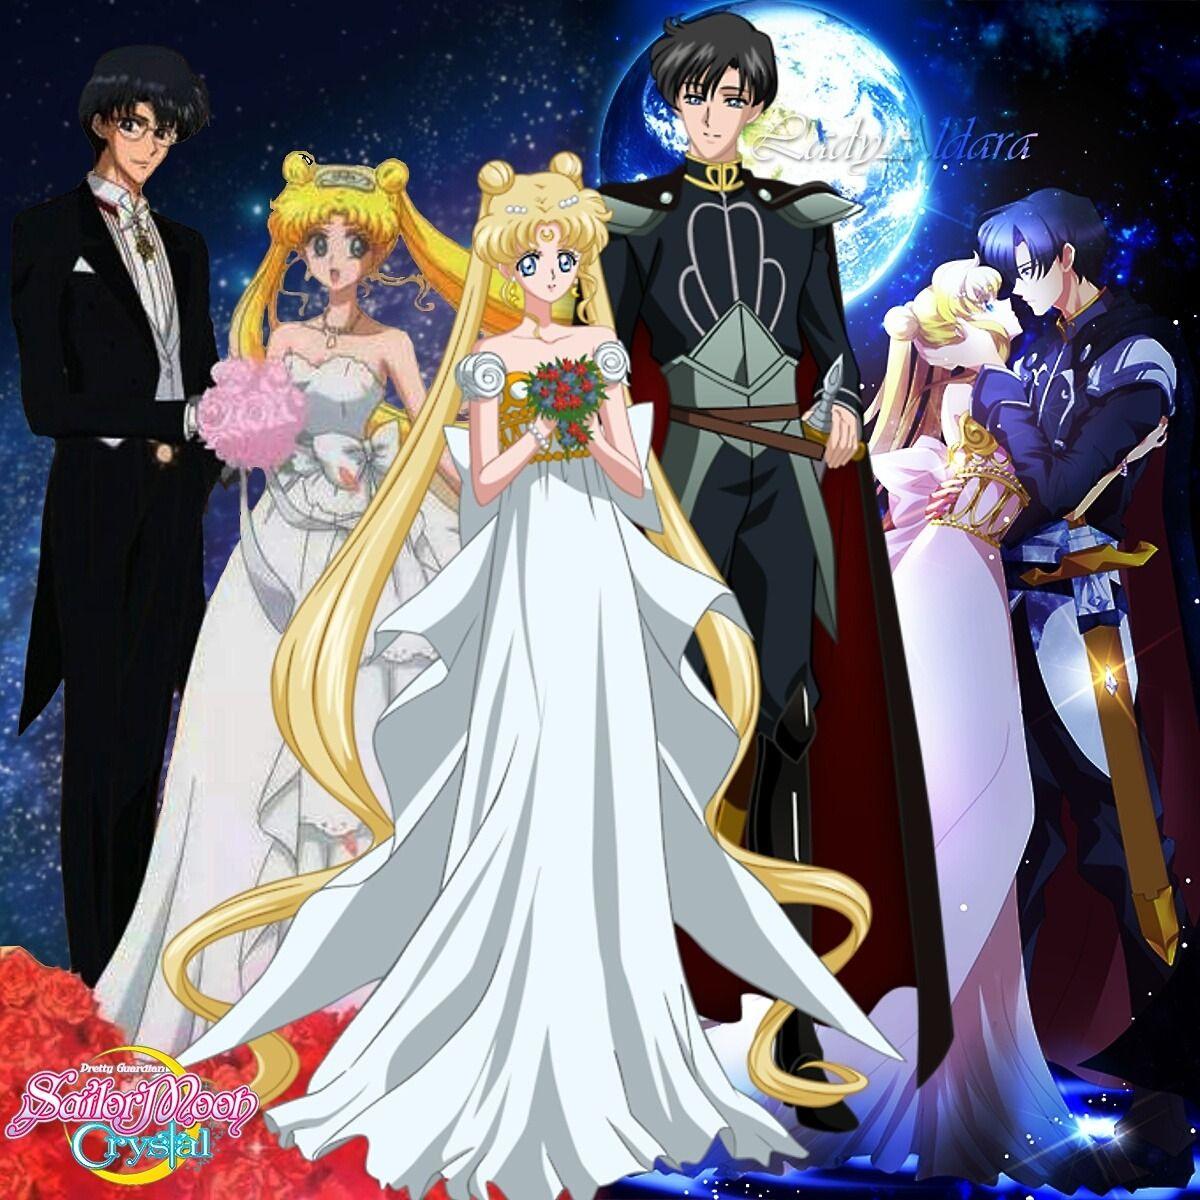 Descarga Películas Anime Full HD | 1080p y 720p ...